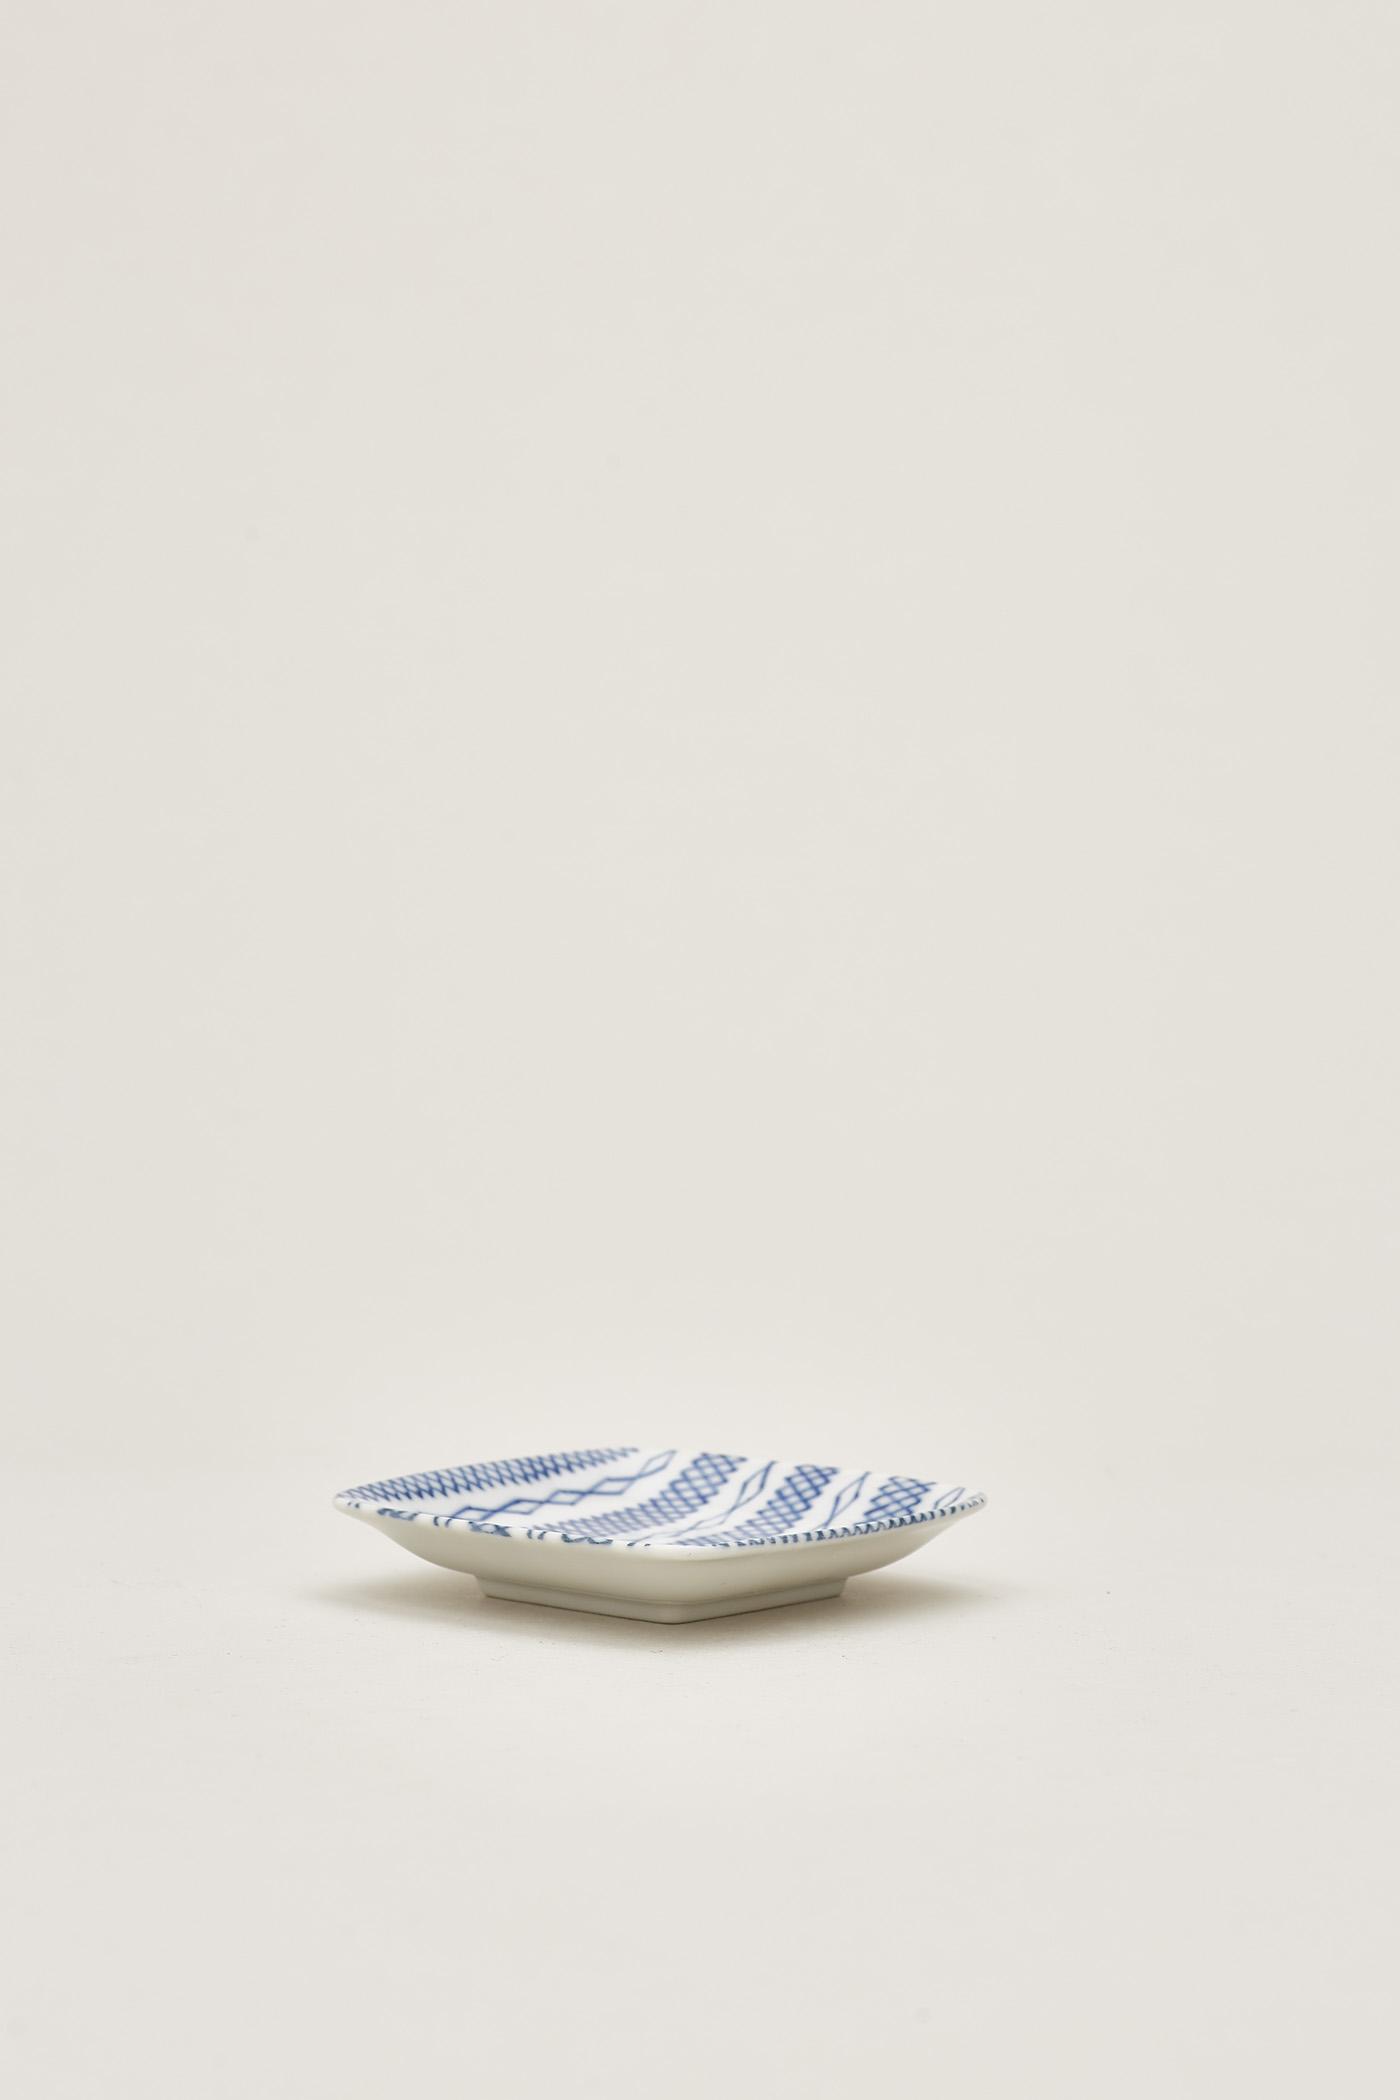 Etsu Squarish Small Dish